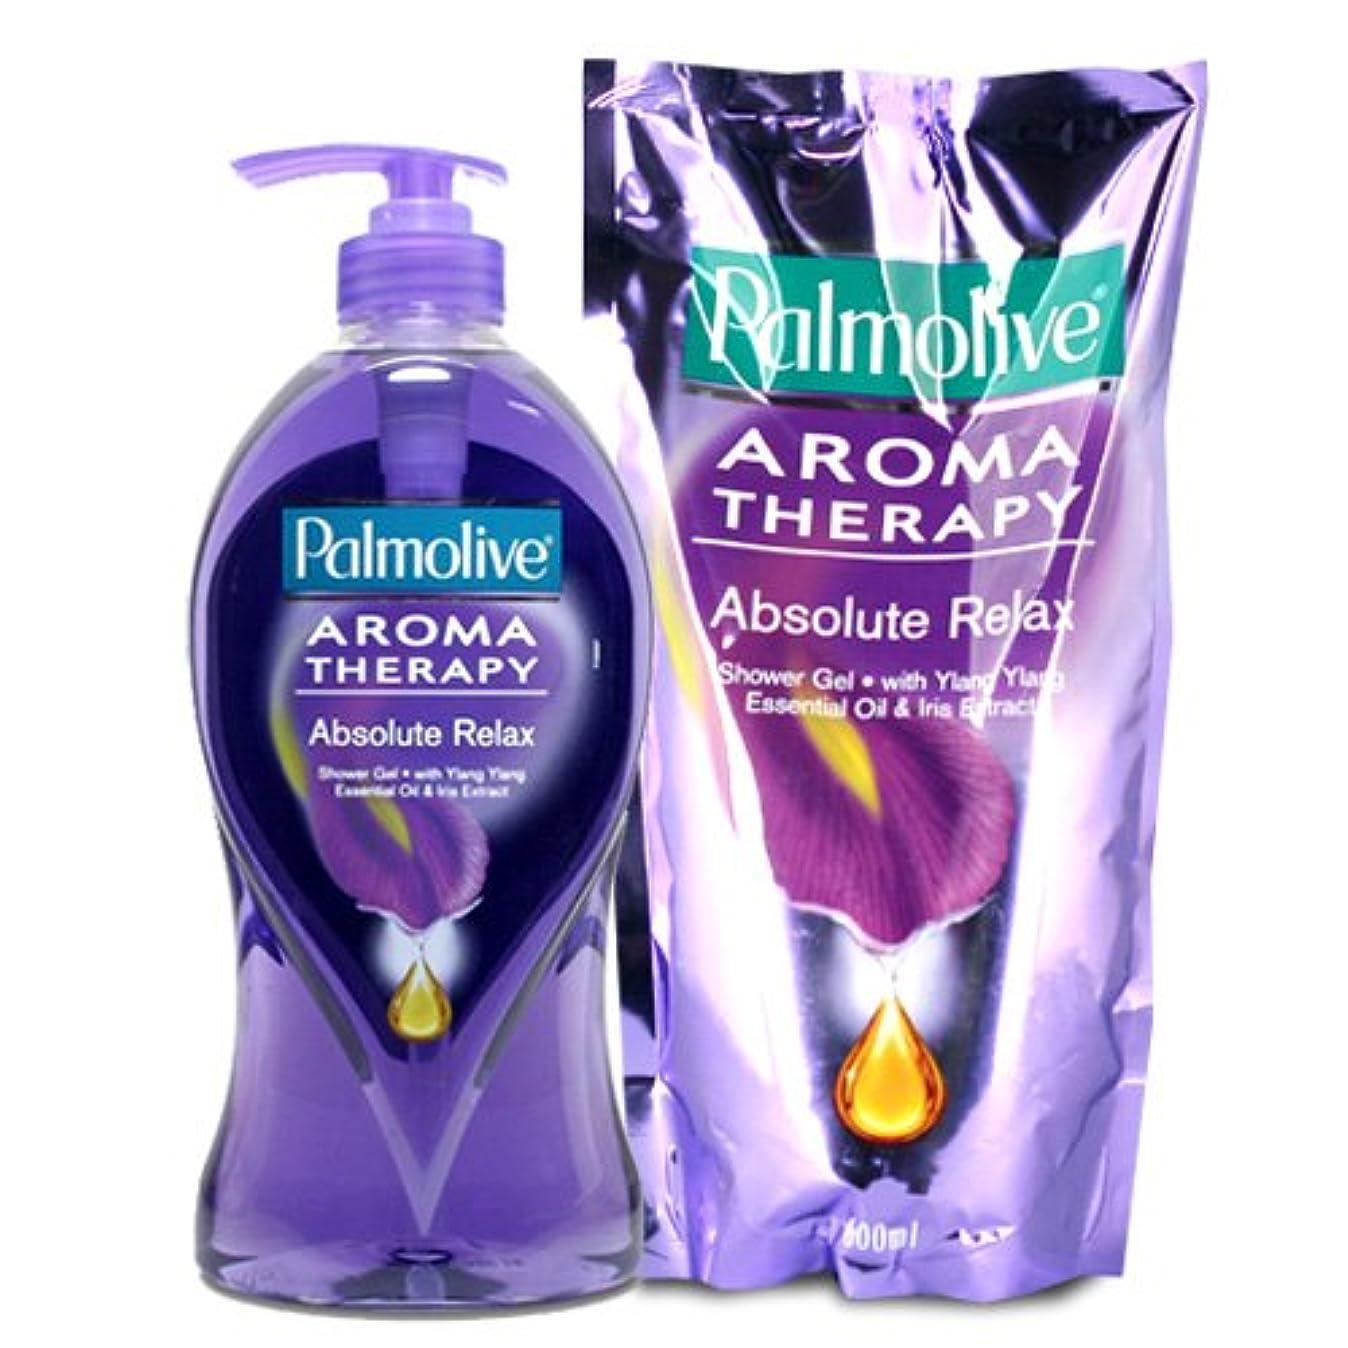 最少技術者後ろに【Palmolive】パルモリーブ アロマセラピーシャワージェル ボトルと詰め替えのセット (アブソルートリラックス)